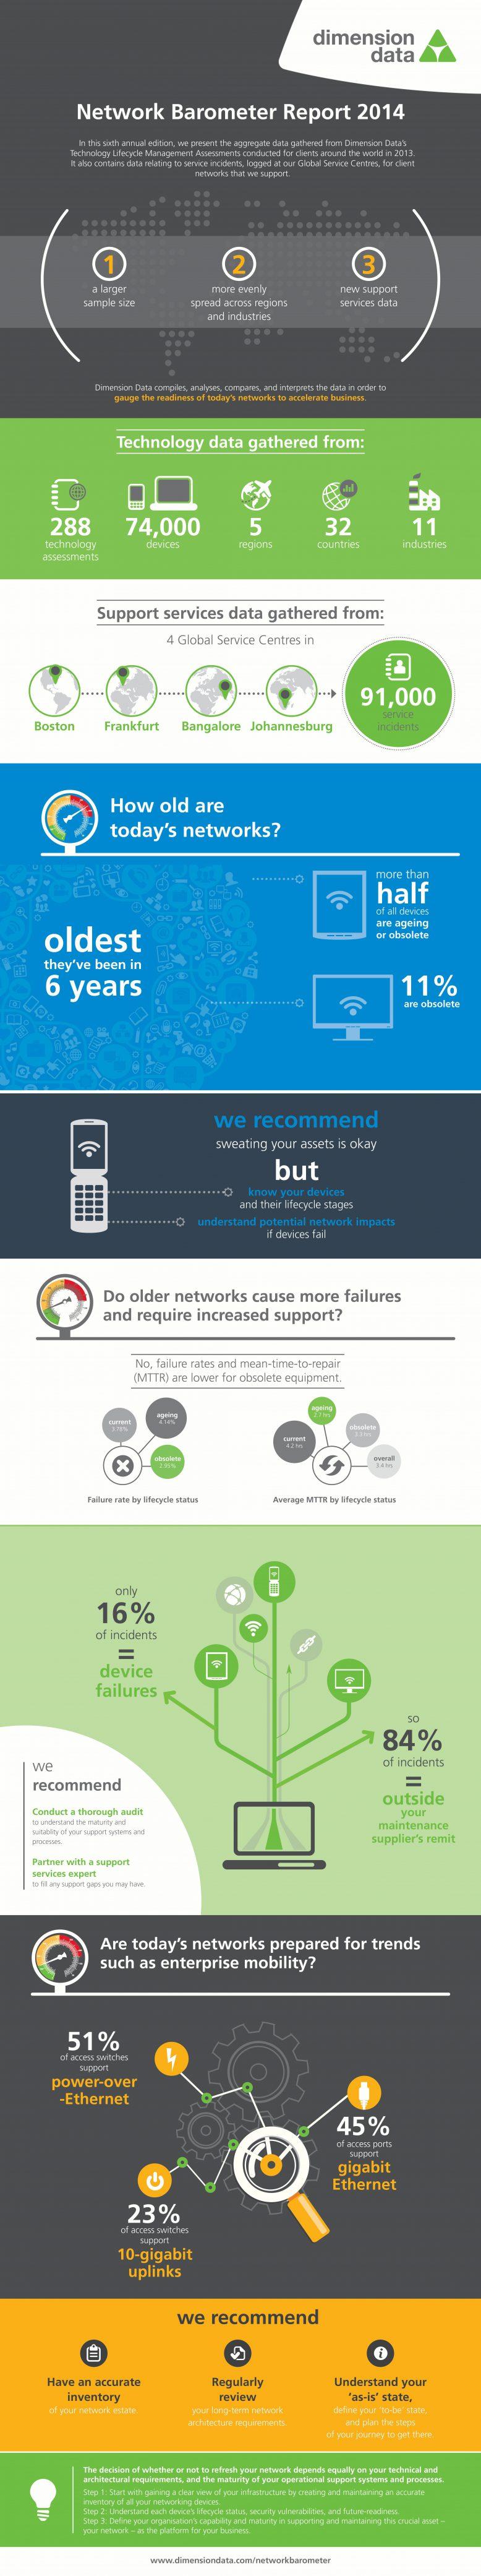 networkbarometerreport2014_dimensiondata_grafischezusammenfassung